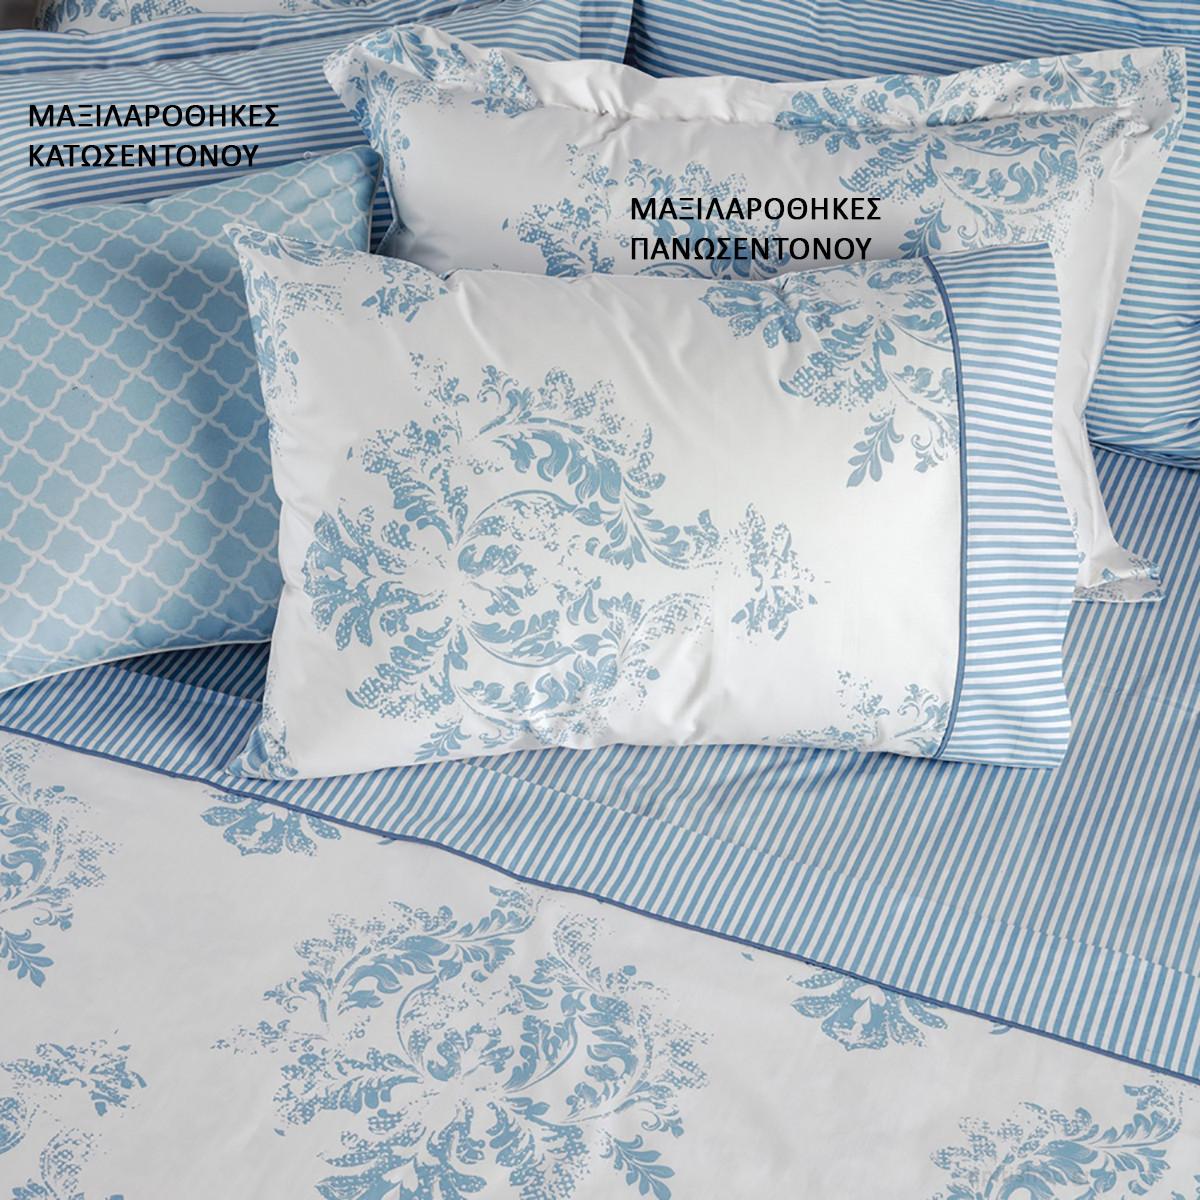 Ζεύγος Μαξιλαροθήκες Kentia Stylish Epoca 16 home   κρεβατοκάμαρα   μαξιλάρια   μαξιλαροθήκες